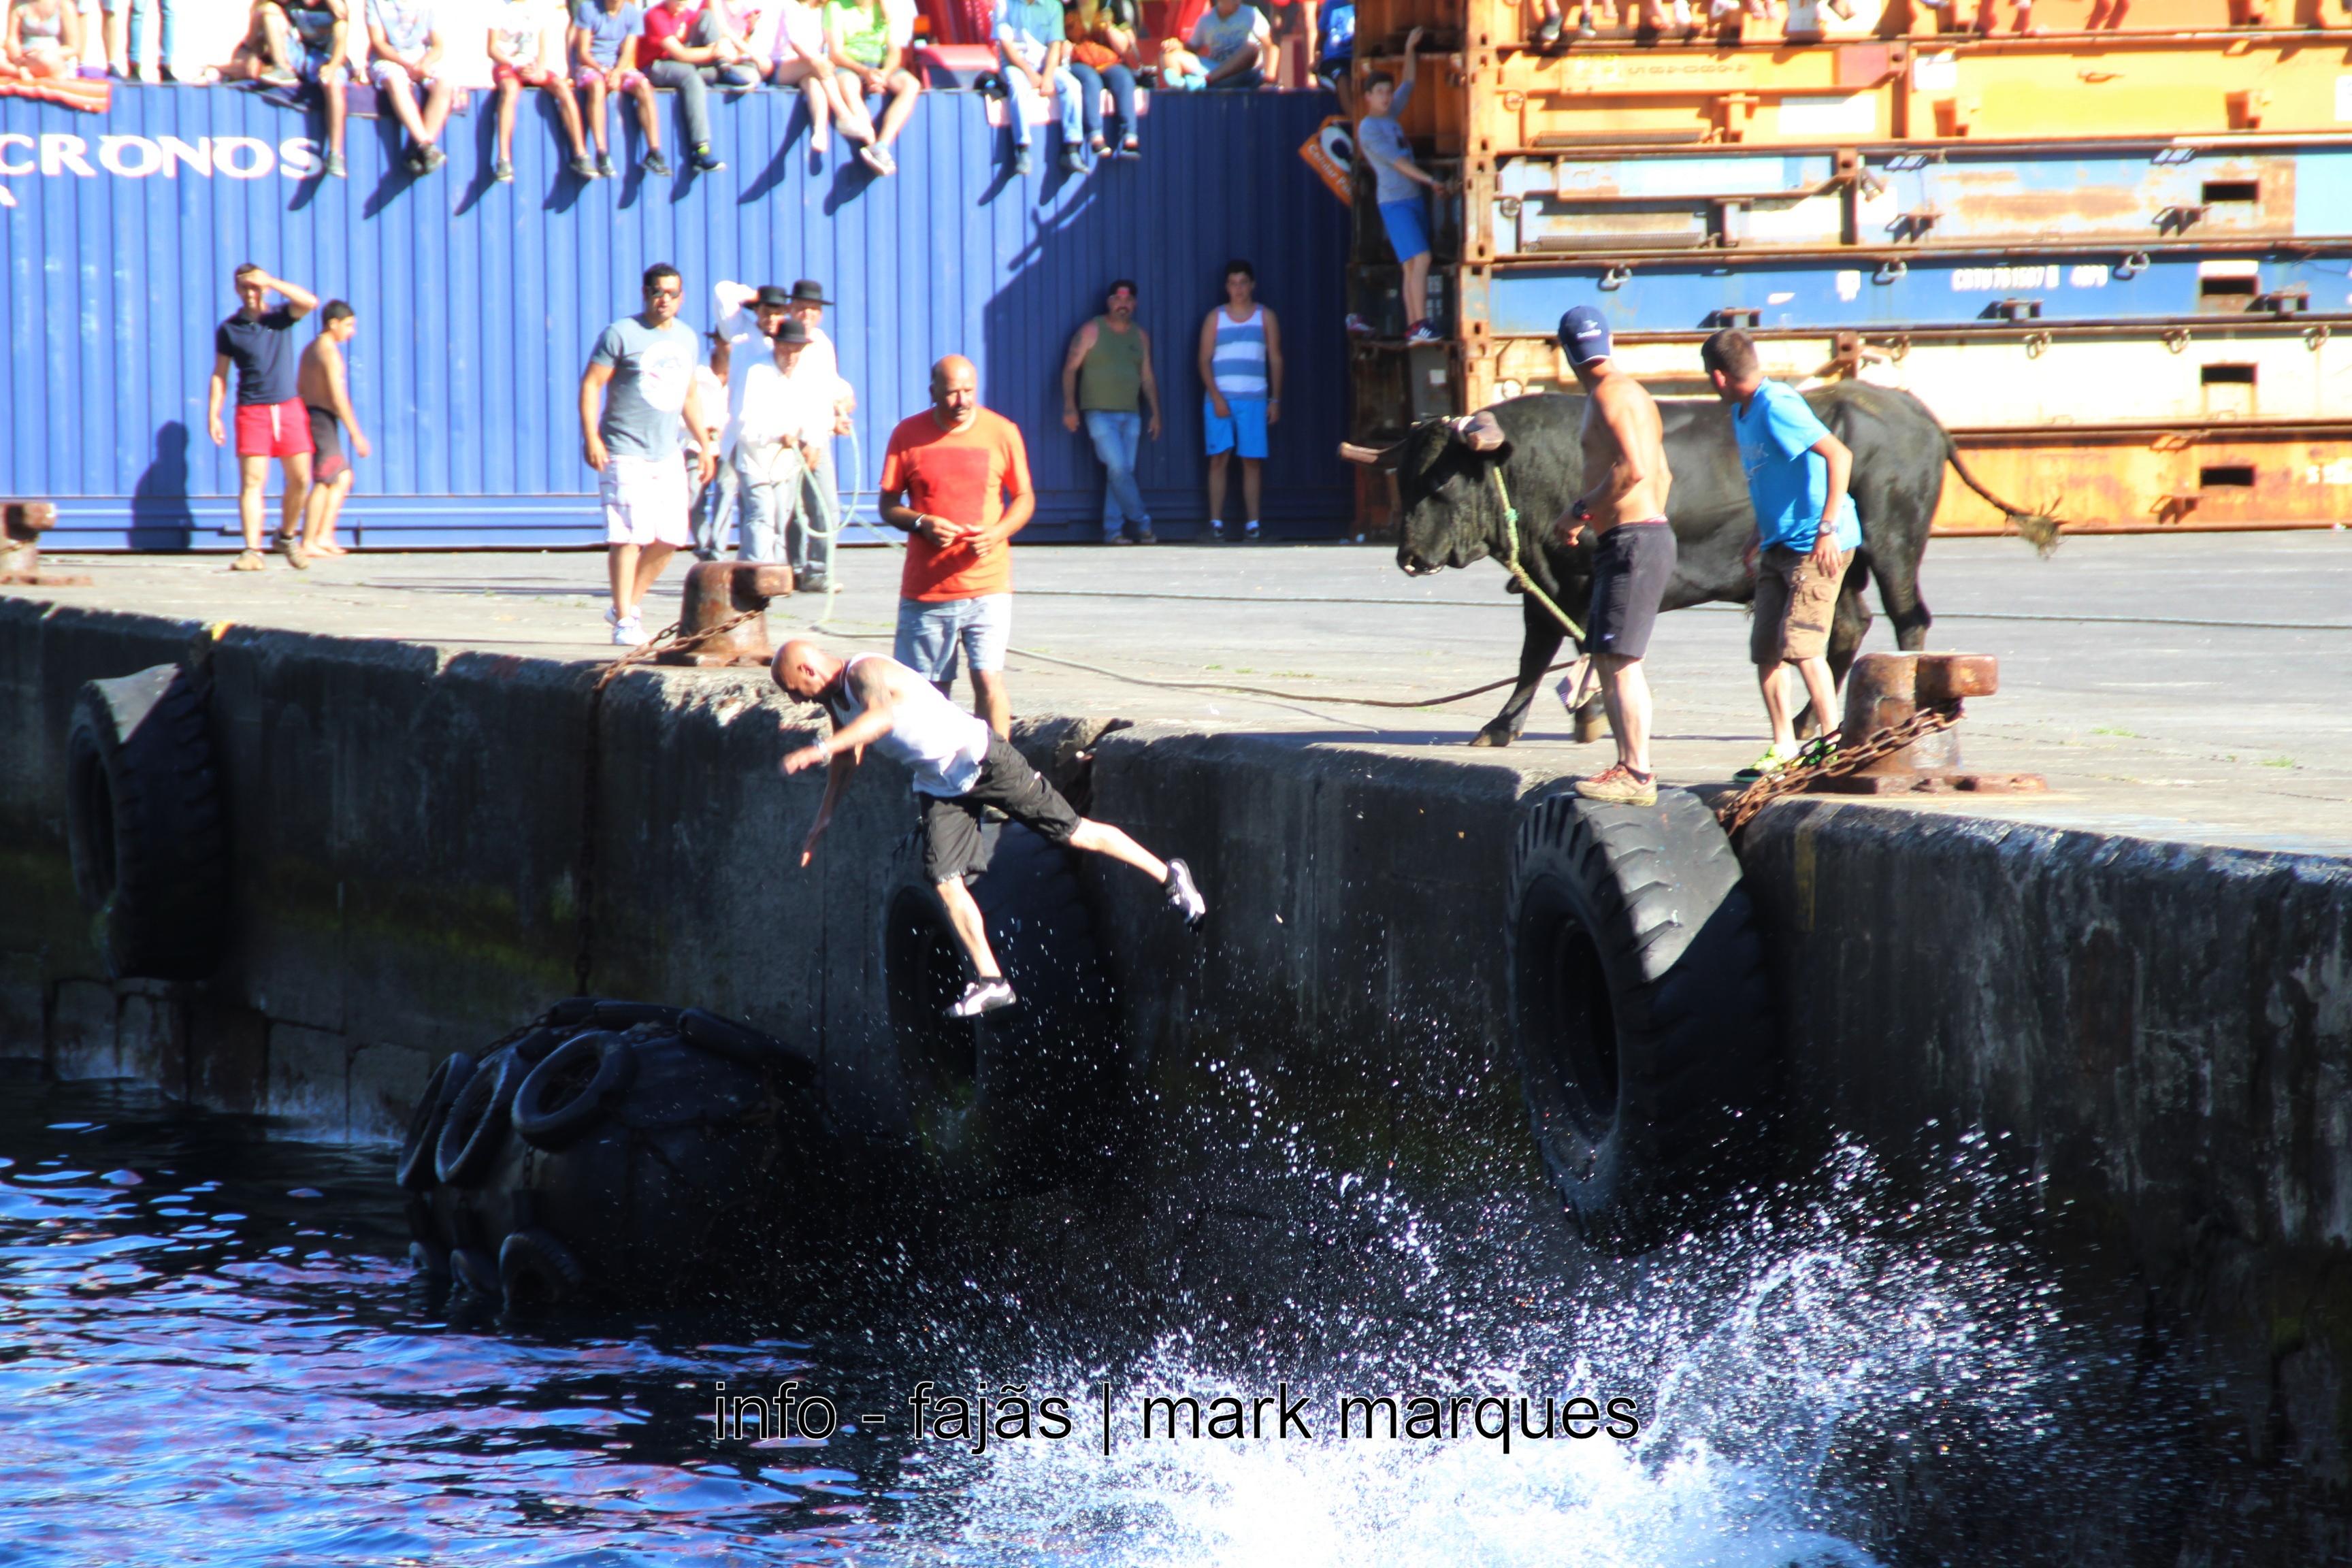 4º Dia da Semana Cultural das Velas (Tourada à Corda) 3.07.2016. (reportagem fotográfica)